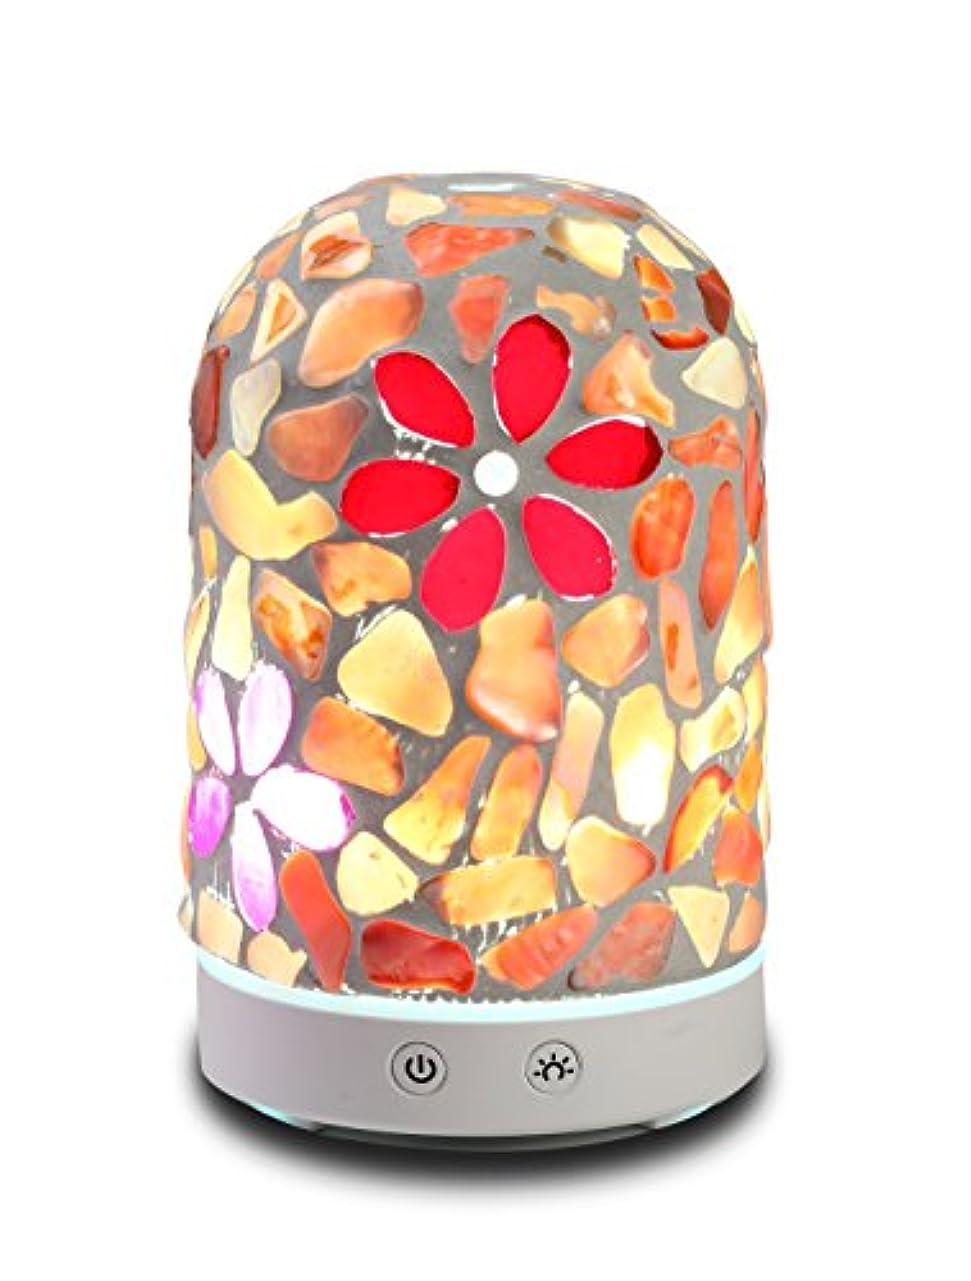 データベース採用記憶に残るAAアロマセラピーアロマエッセンシャルオイルディフューザー加湿器120 ml Dreamカラーガラス14-color LEDライトミュート自動ライトChangingアロマセラピーマシン加湿器 Diameter: 9cm;...